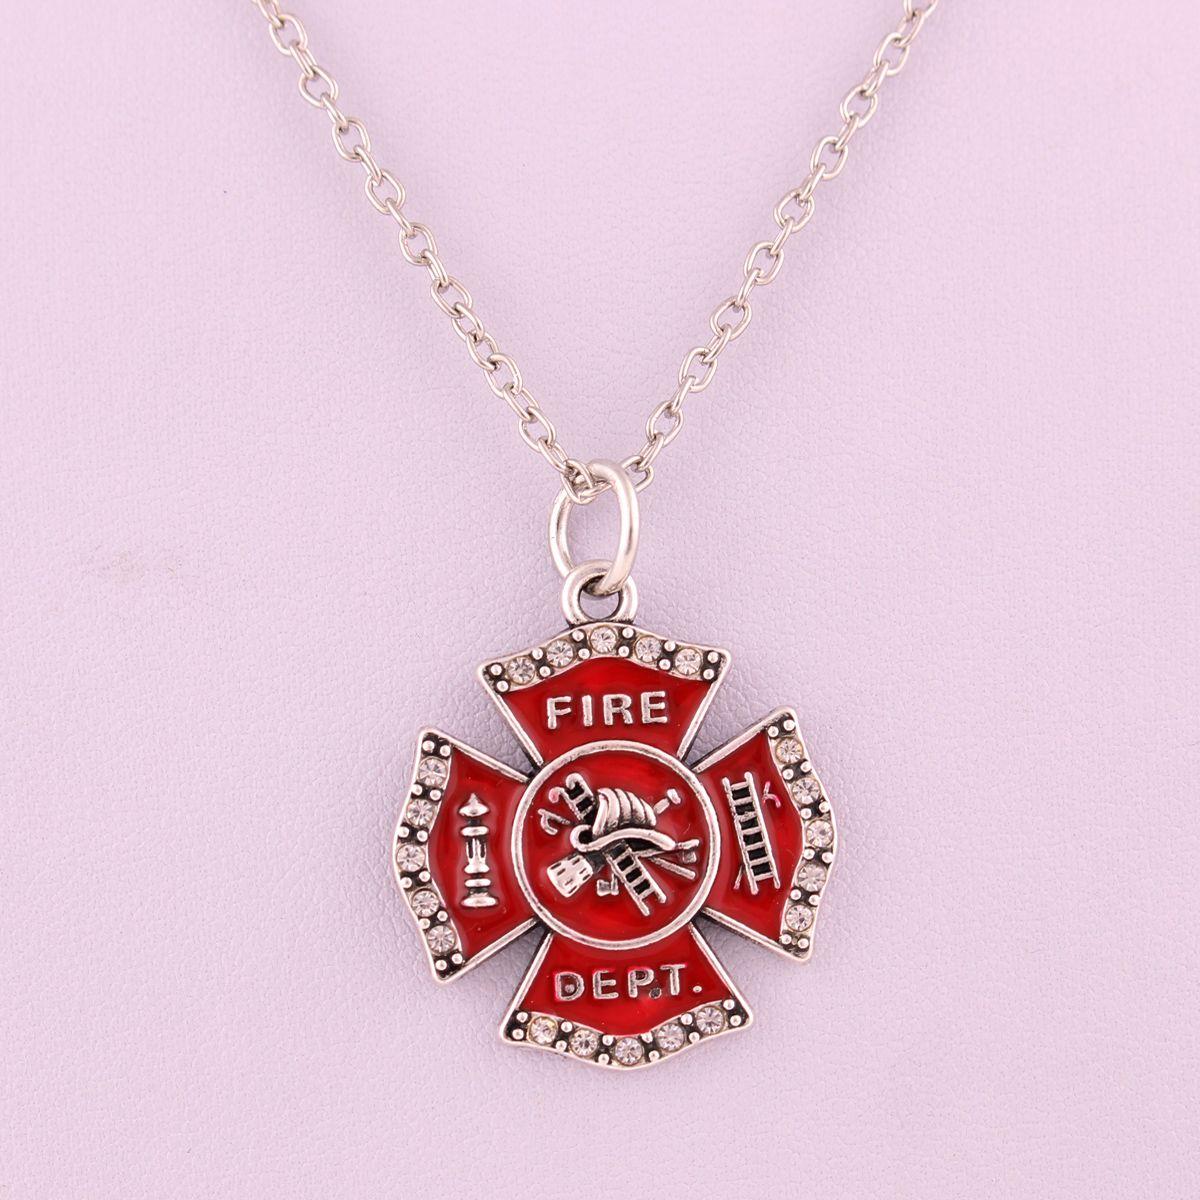 Mode Legierung Red Emaille Feuerwehrmann Feuerabteilung Abzeichen Charm Pendent Halskette Personalisierte Beruf Schmuck machen